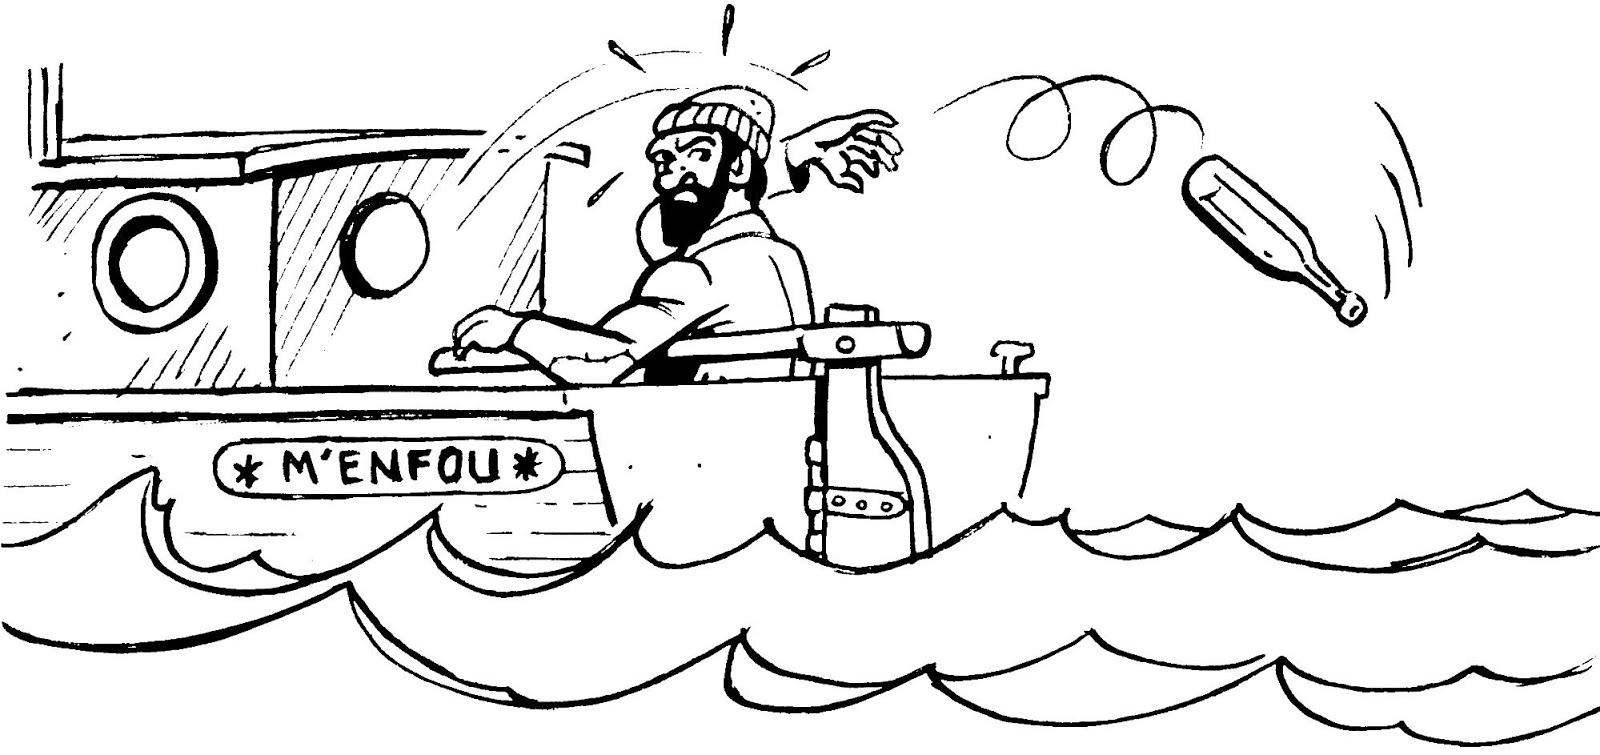 Dessin marin jetant une bouteille par dessu bord